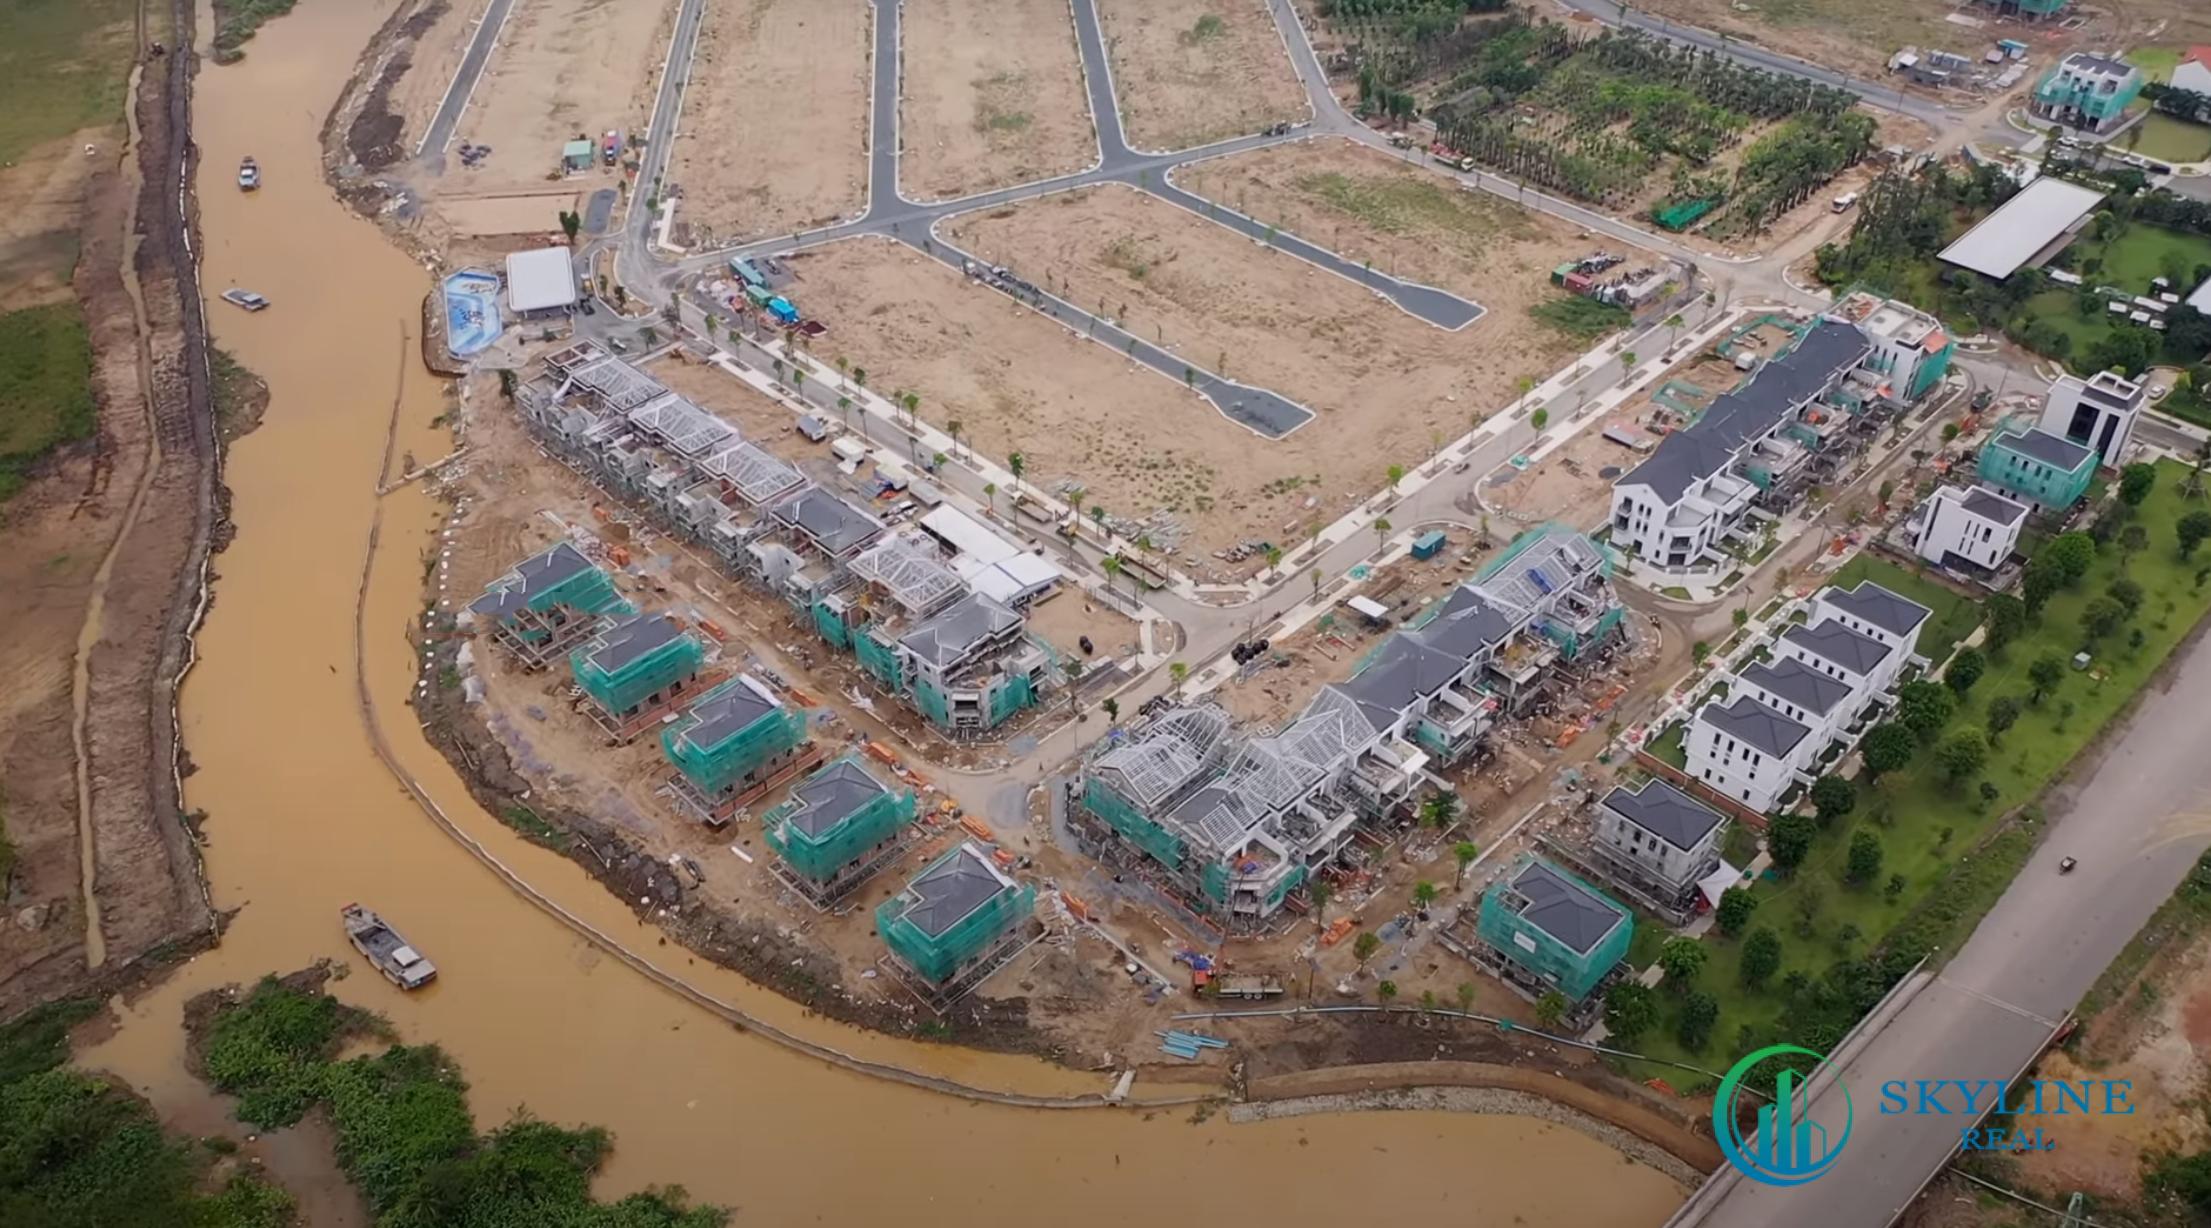 Tiến độ Aqua City chủ đầu tư Novaland - Hệ thống kè bờ sông phân khu The Suite đang được hoàn thiện